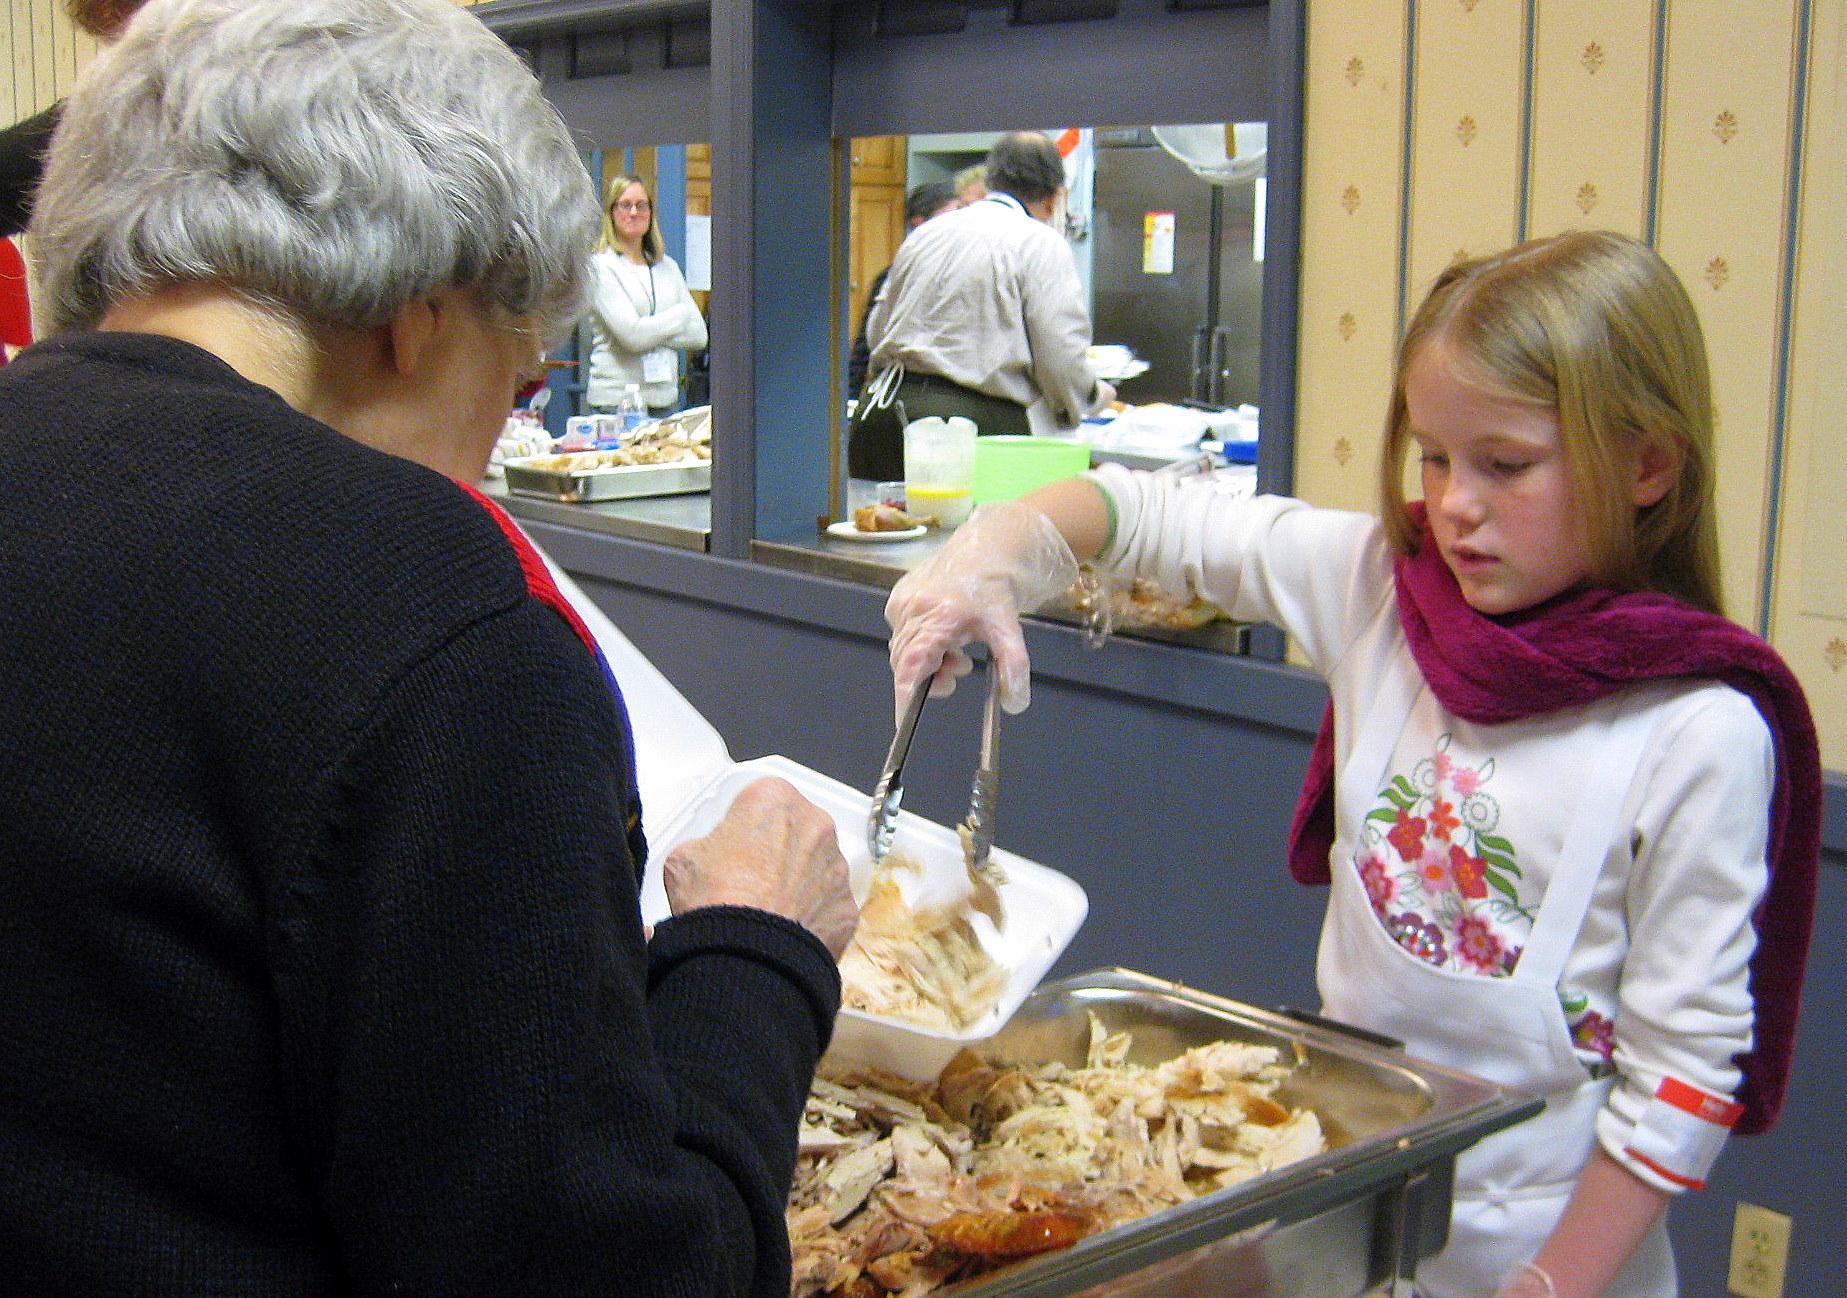 Volunteering on Christmas Day - WestportNow.com - Westport ...